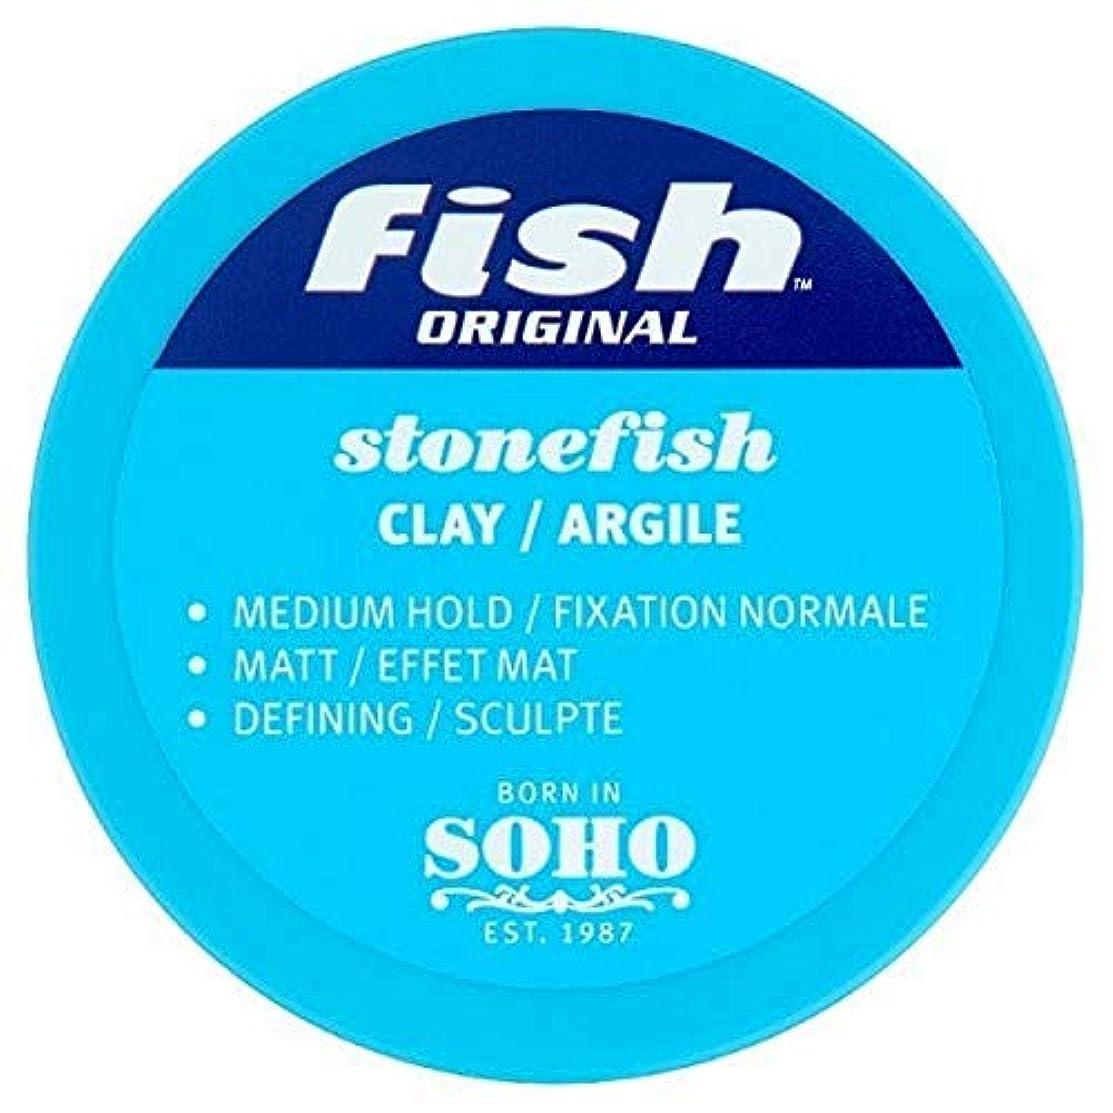 衣類不名誉な邪悪な[Fish Soho] 魚本来のオニダルマオコゼマット粘土70ミリリットル - Fish Original Stonefish Matt Clay 70ml [並行輸入品]